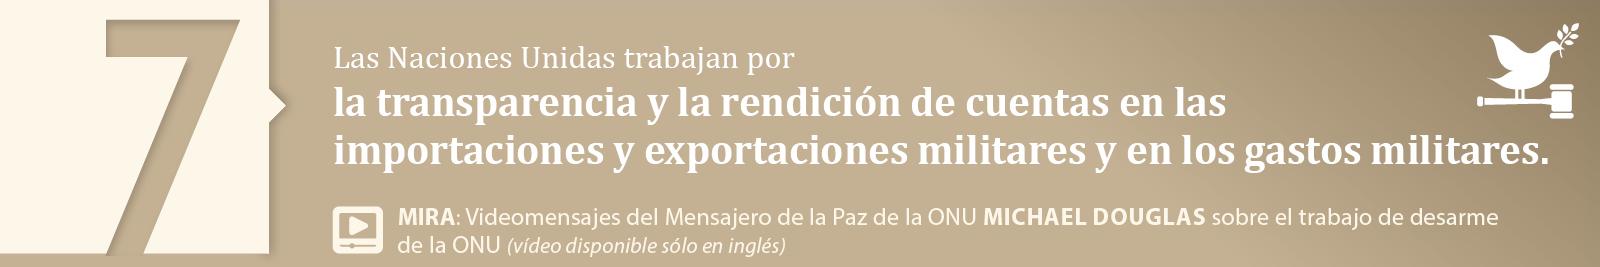 7. La transparencia y la rendición de cuentas en las importaciones y exportaciones militares y en los gastos militares.